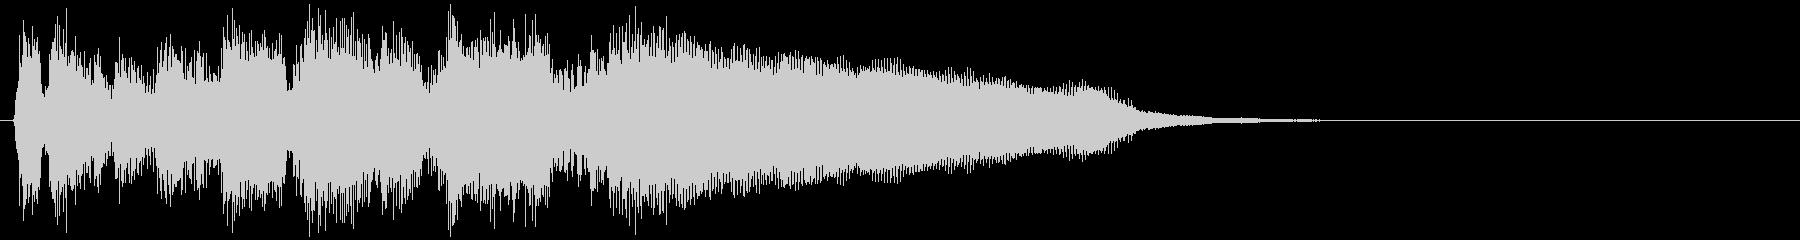 ジャズ系サウンドロゴ◆スタイリッシュの未再生の波形